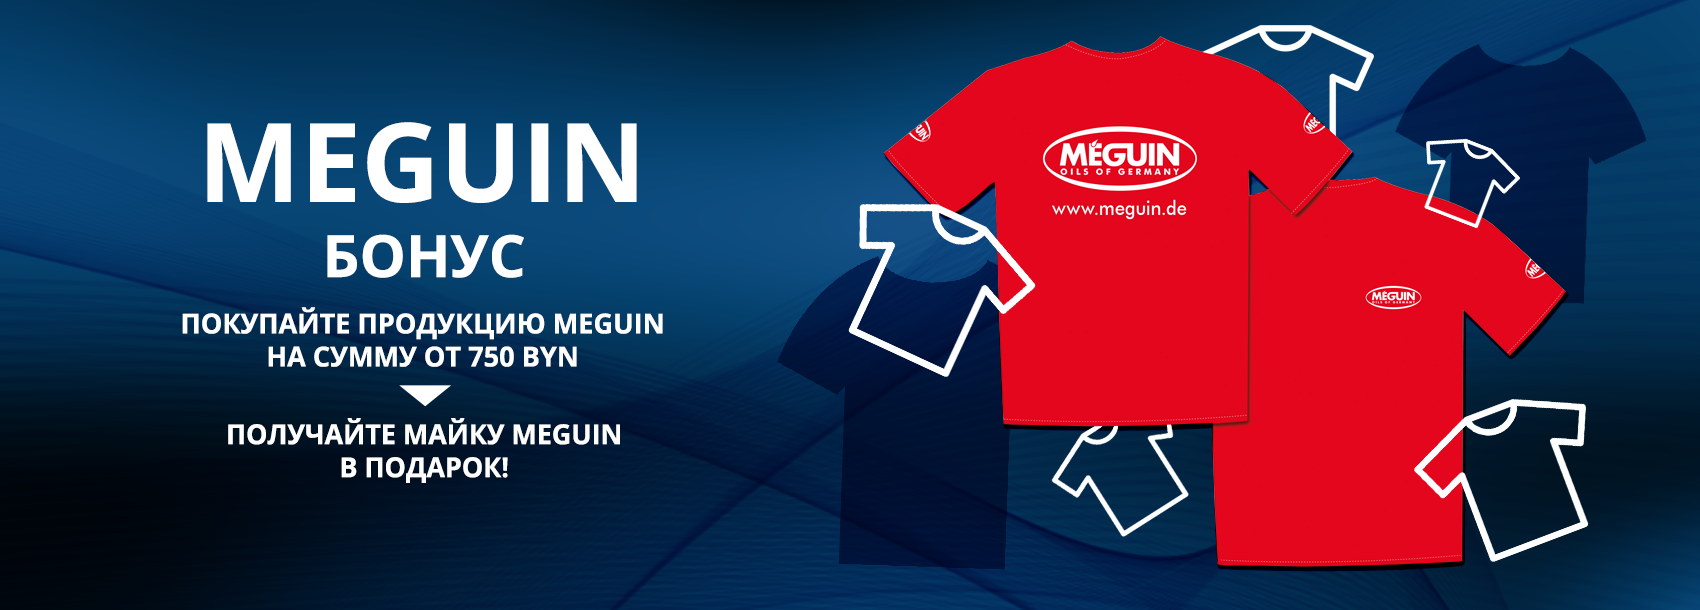 Покупай продукцию Meguin - получай майку в подарок